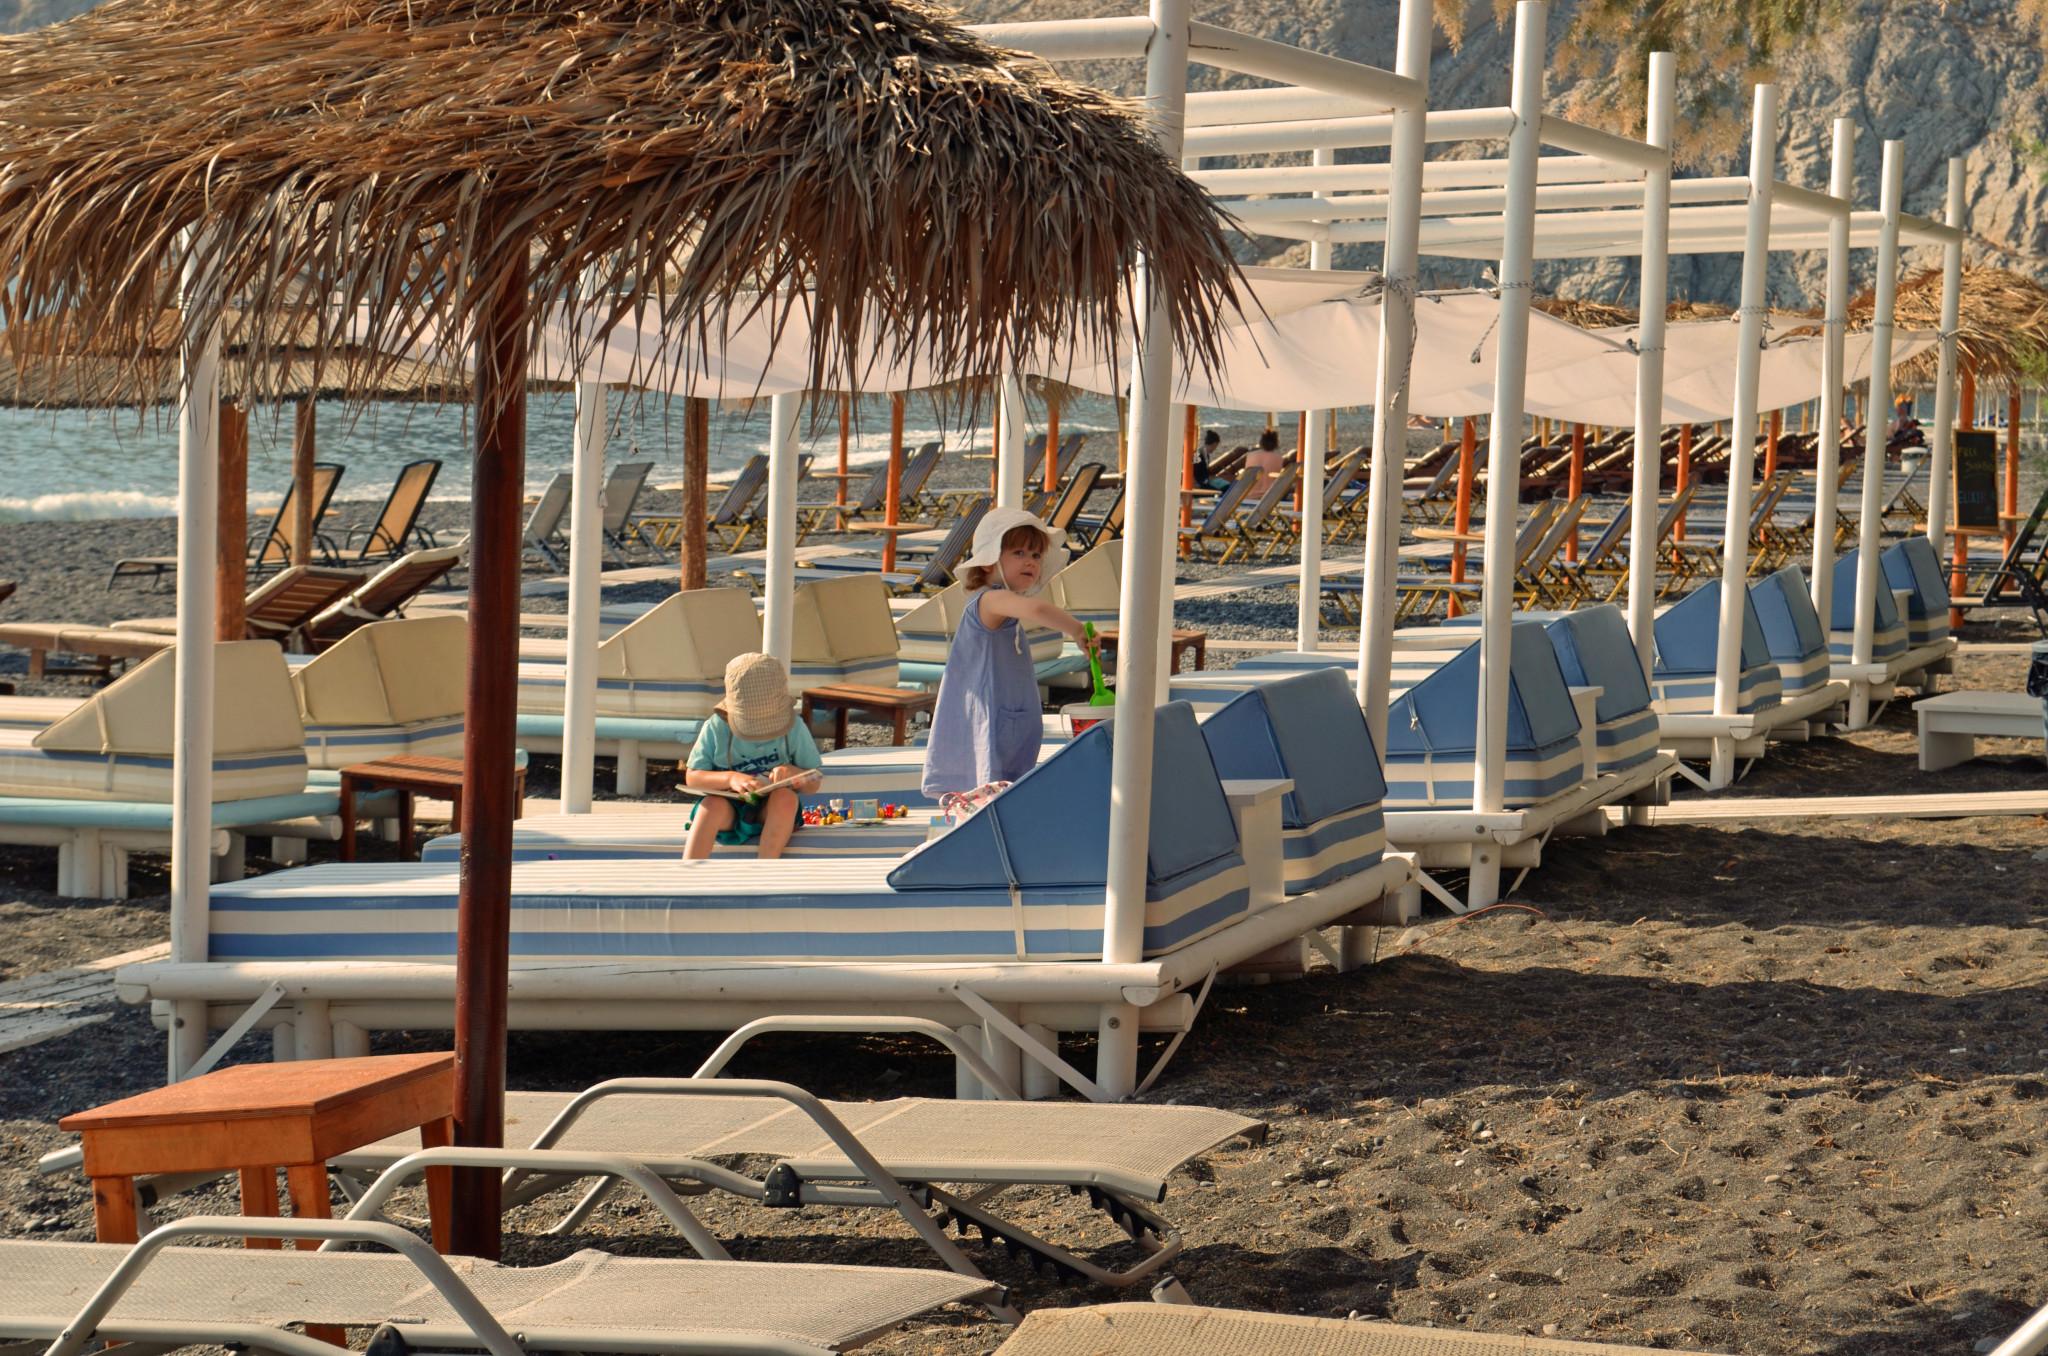 Nachsaison-Idylle am Strand von Kamari